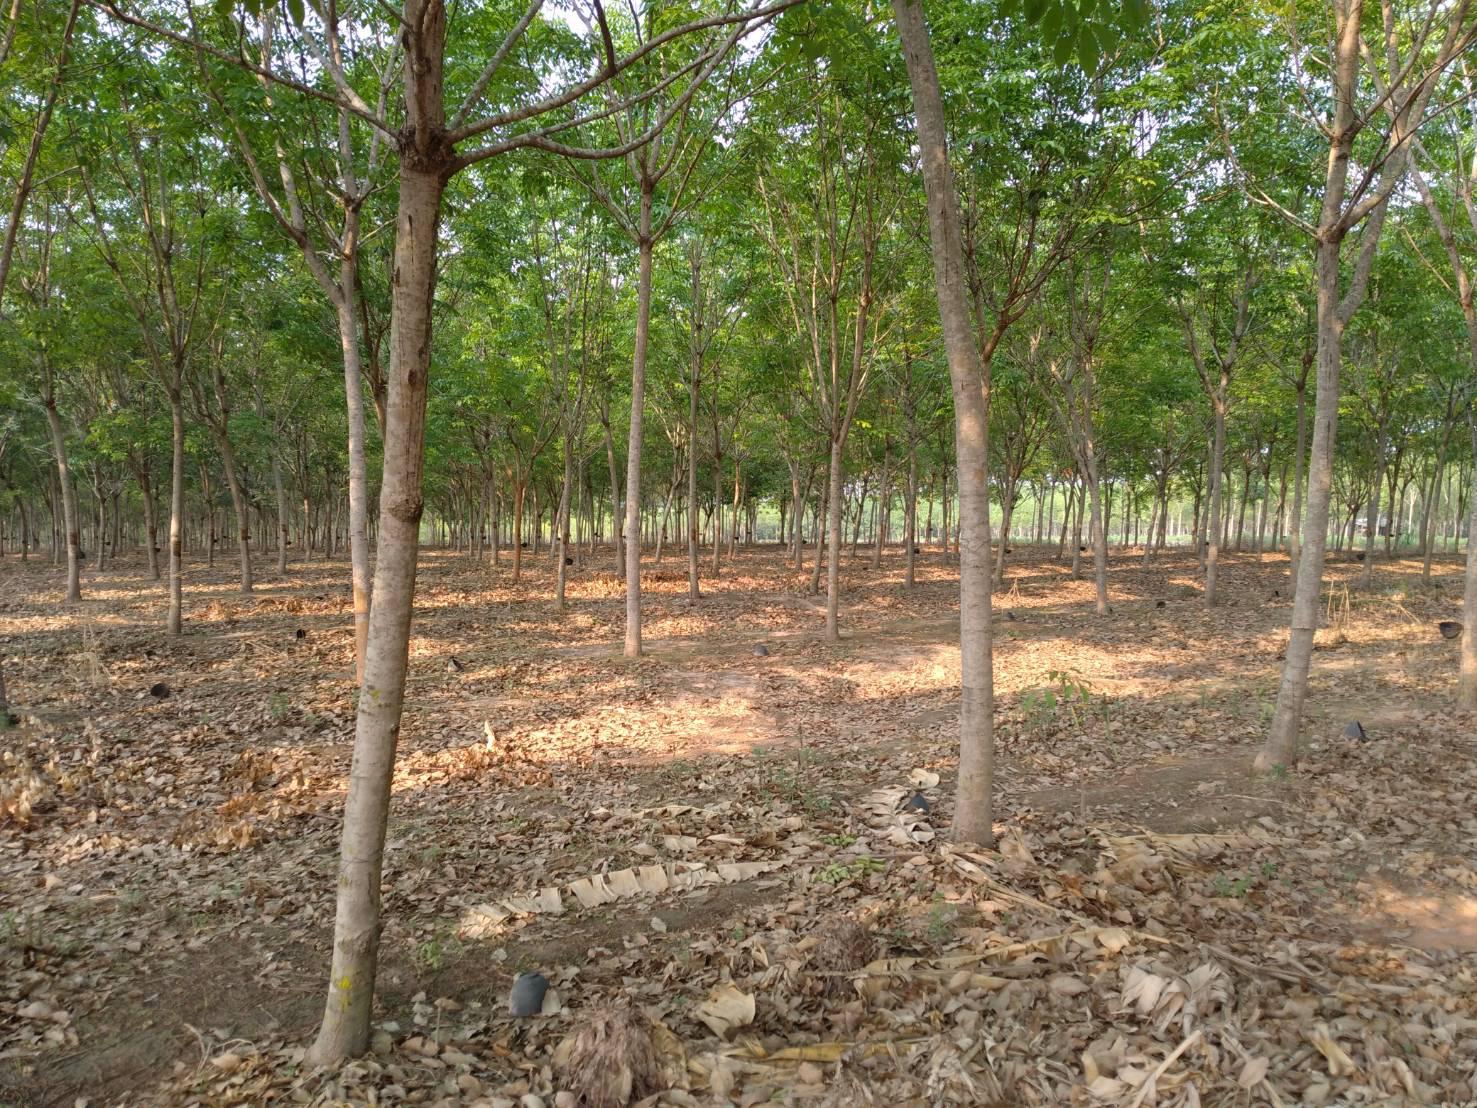 พื้นที่เกษตรขนาดใหญ่! ที่ดิน 156-3-84 THB18,840,000 ต.สร้างก่อ, อ.กุดจับ, จ.อุดรธานี